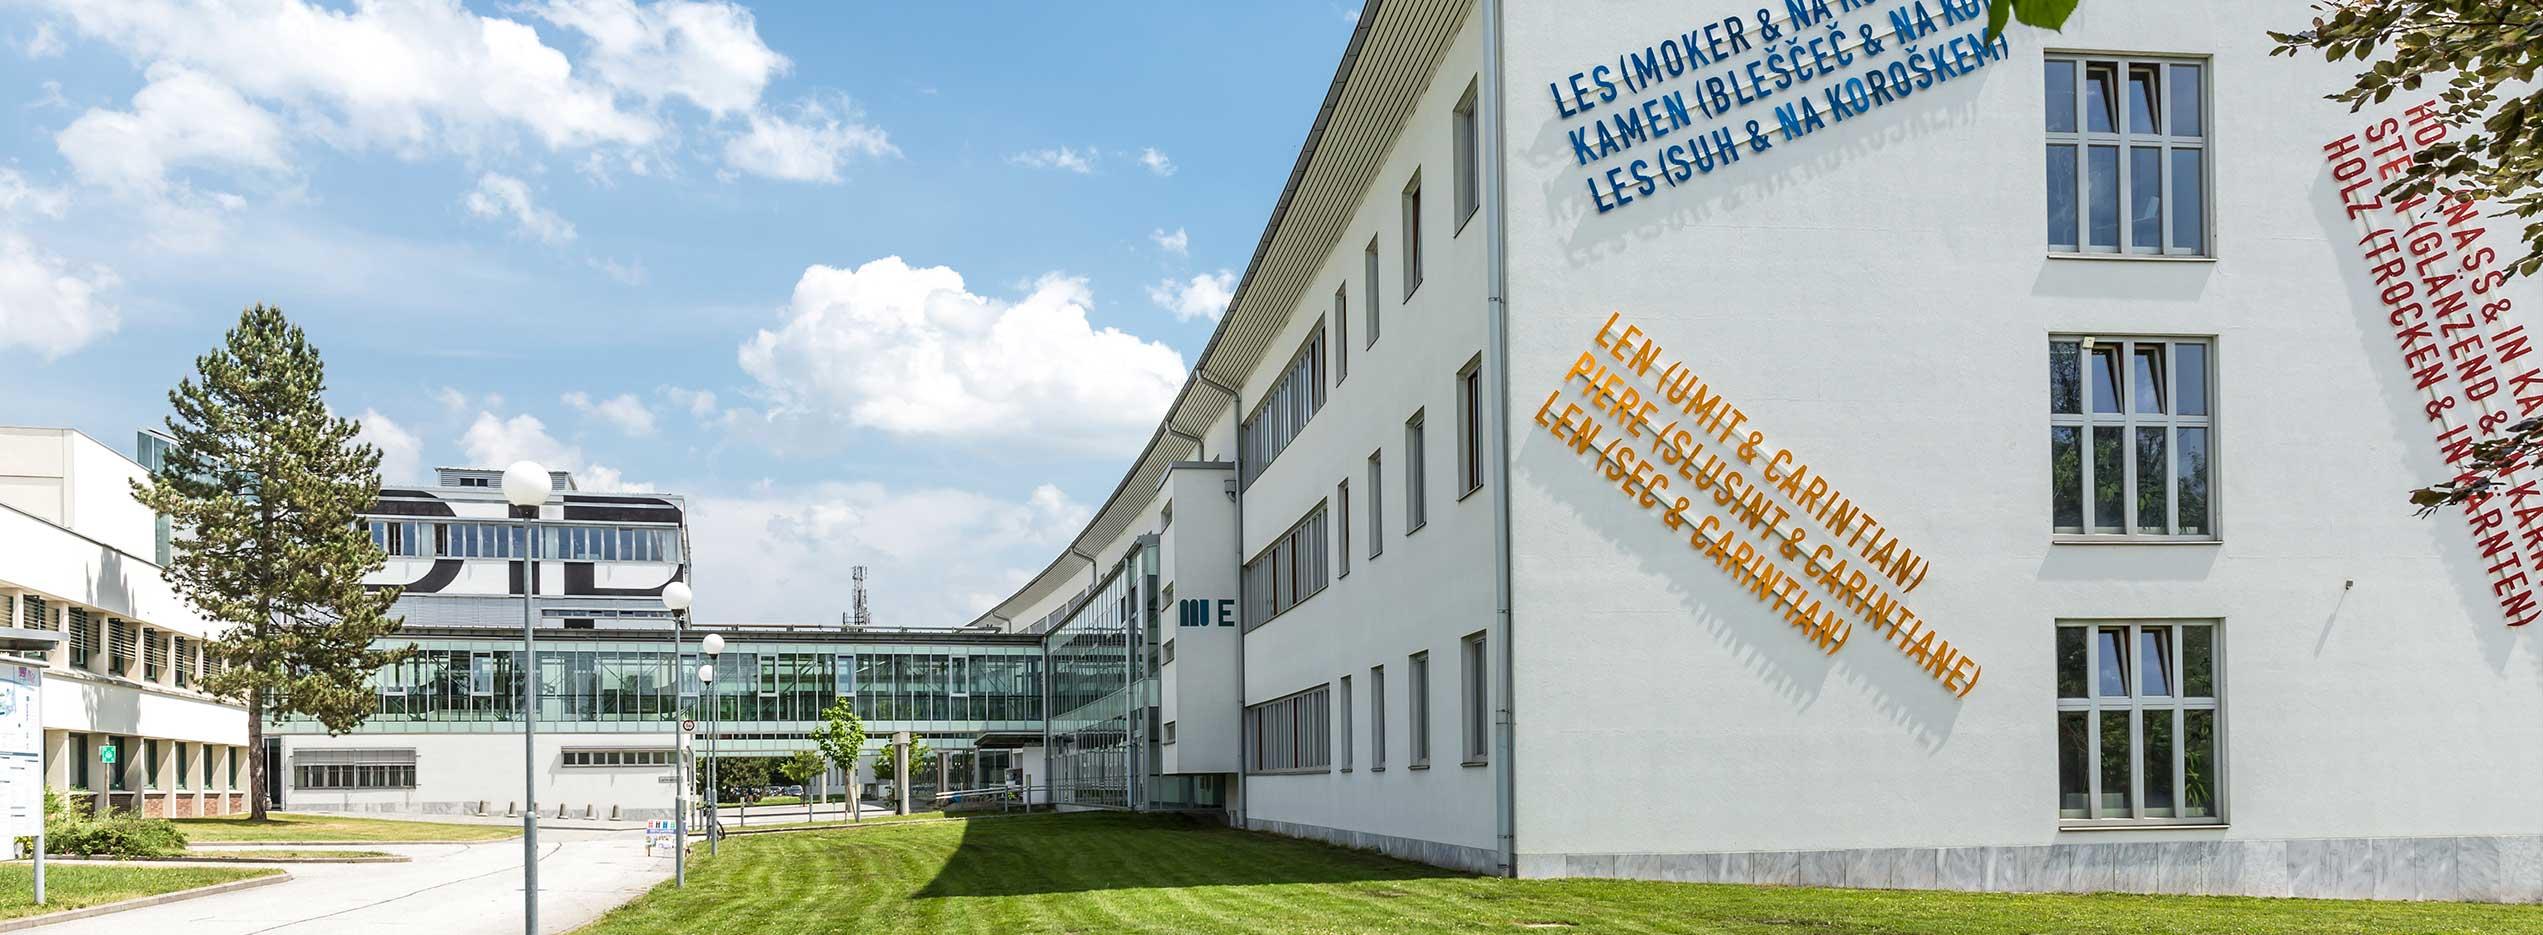 Alpen-Adria-Universität West | Foto: tinefoto.com